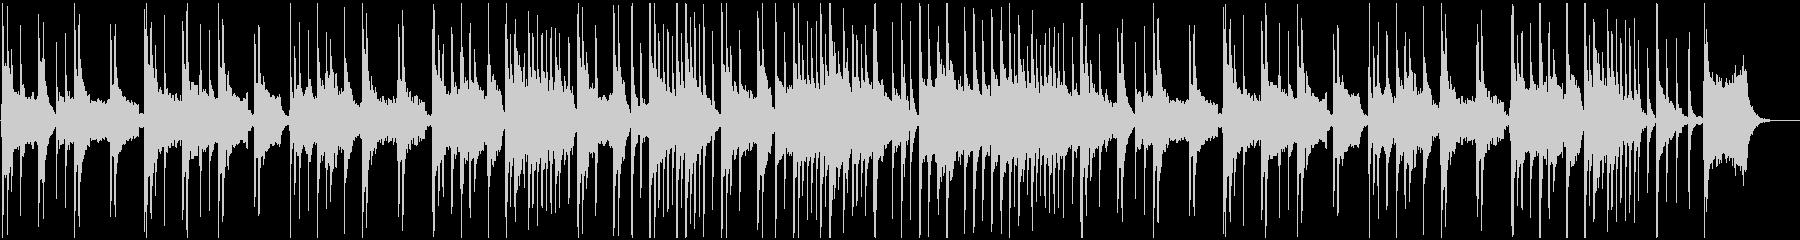 尺八と琴が奏でる風情溢れるBGMの未再生の波形